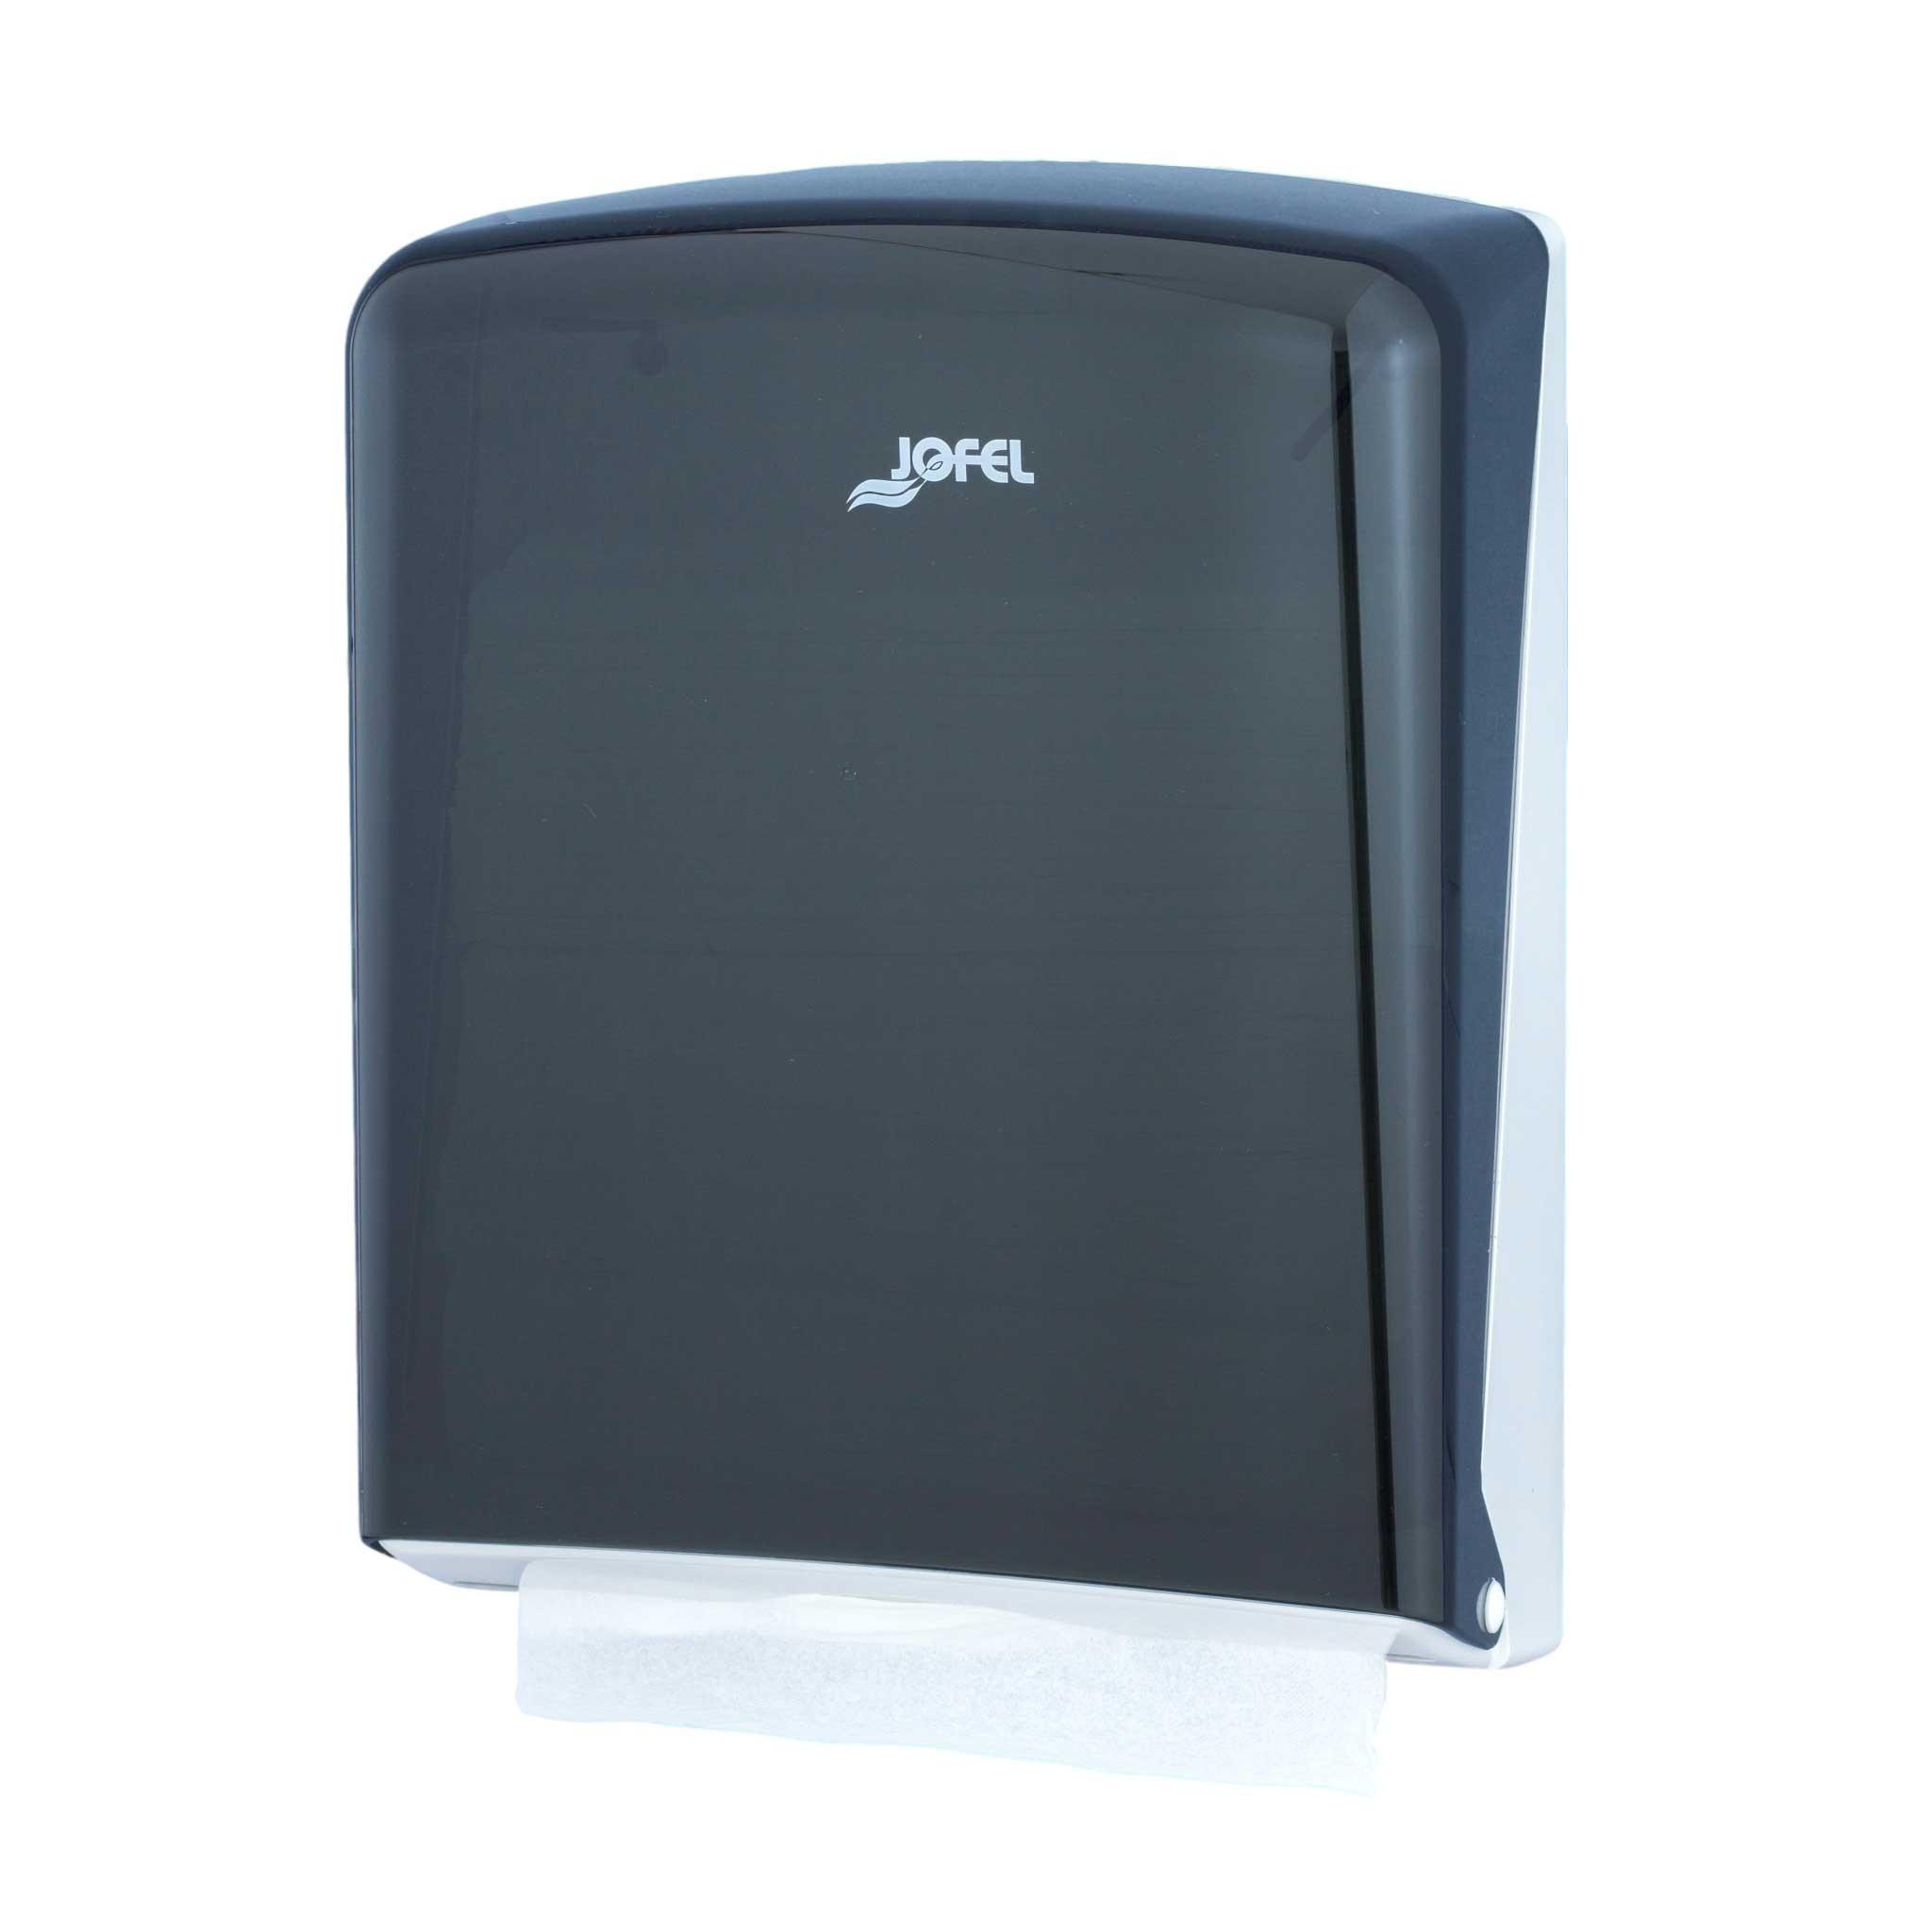 Πλαστική θήκη χειροπετσέτας ΖικΖακ Jofel Azur black AH34400